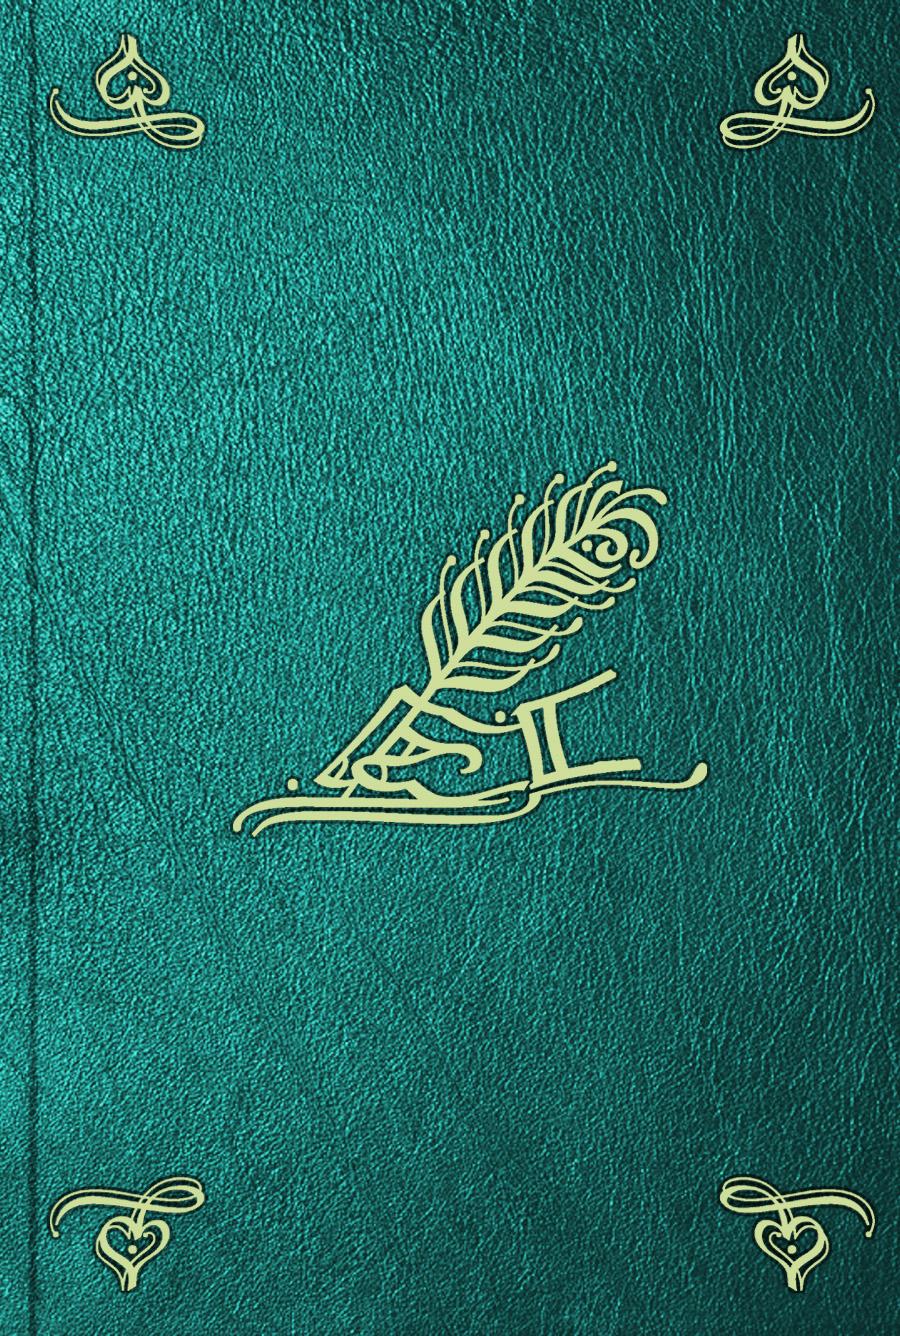 Отсутствует Memoires secrets sur la vie privee, politique et litteraire de Lucien Buonaparte h cramer bouquet de melodies sur la vie mondaine